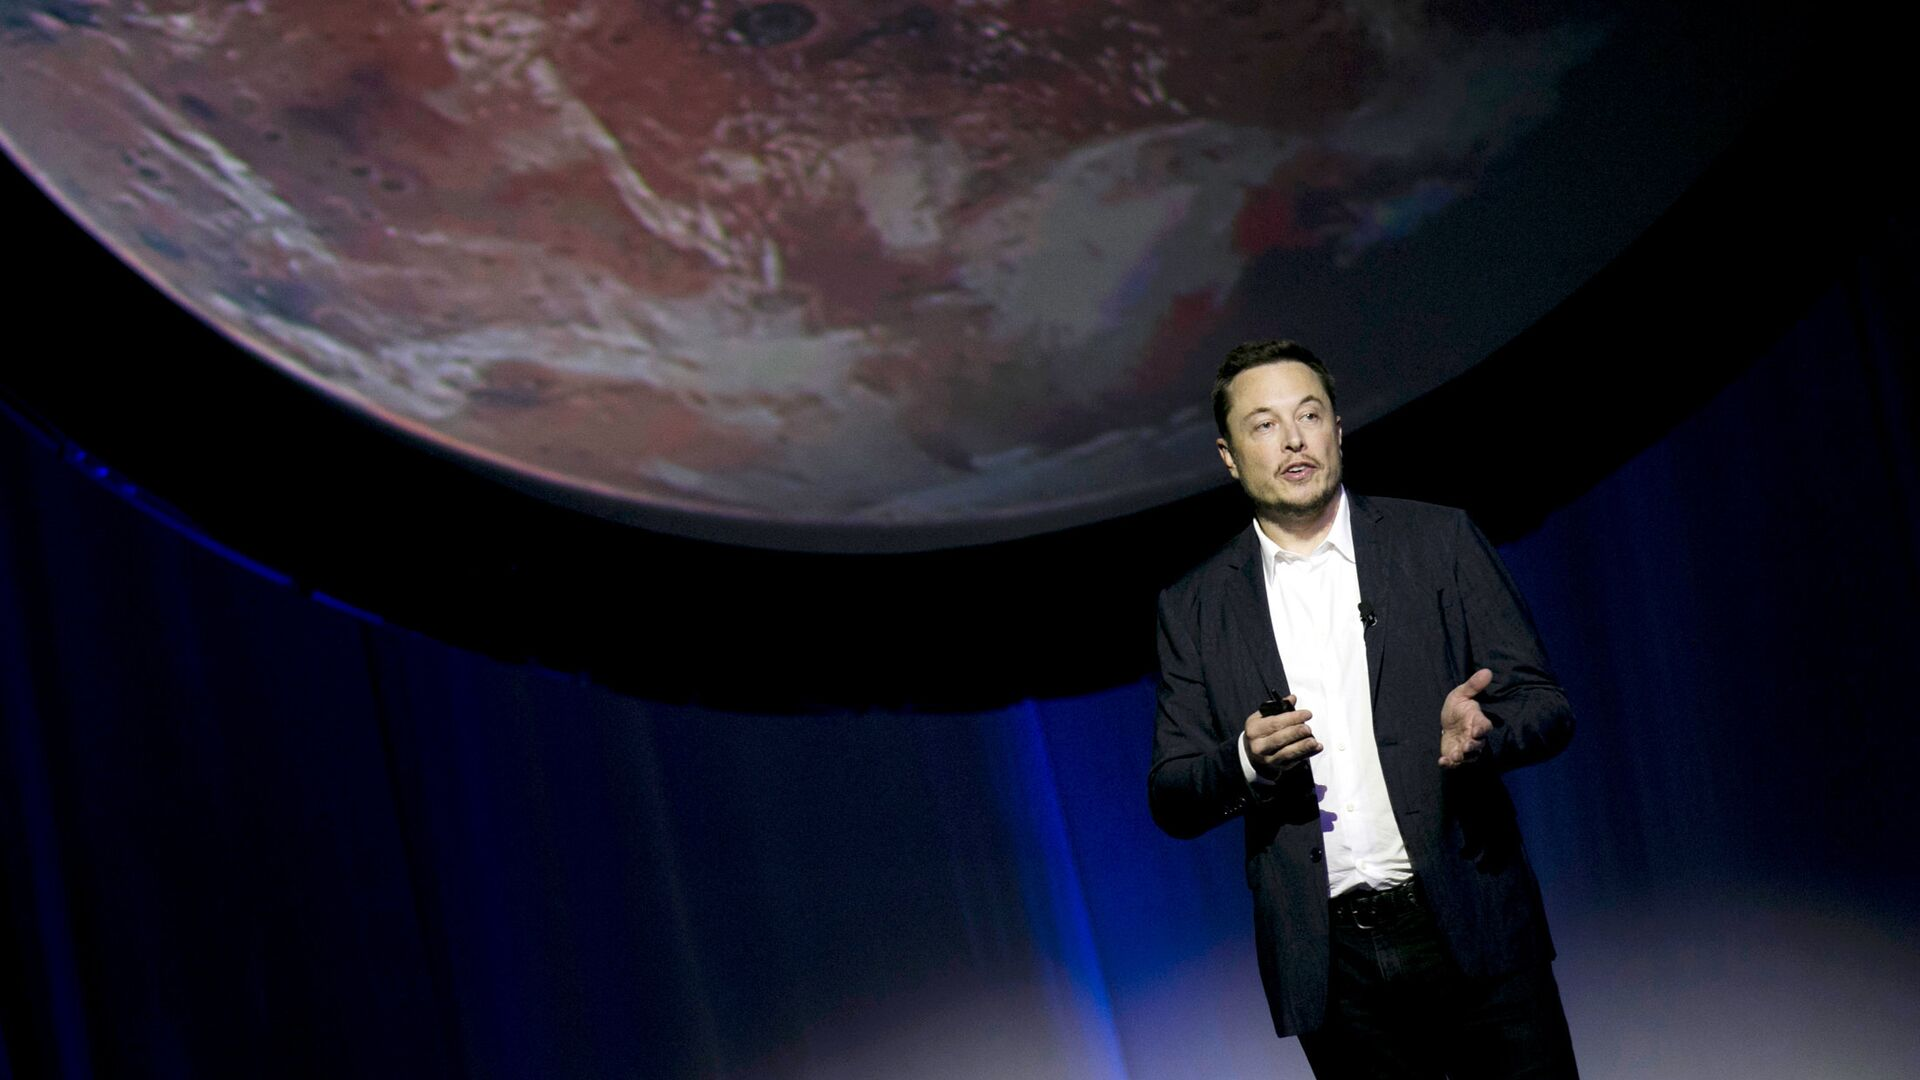 Маск хочет предложить Путину сотрудничество в космосе, считает эксперт